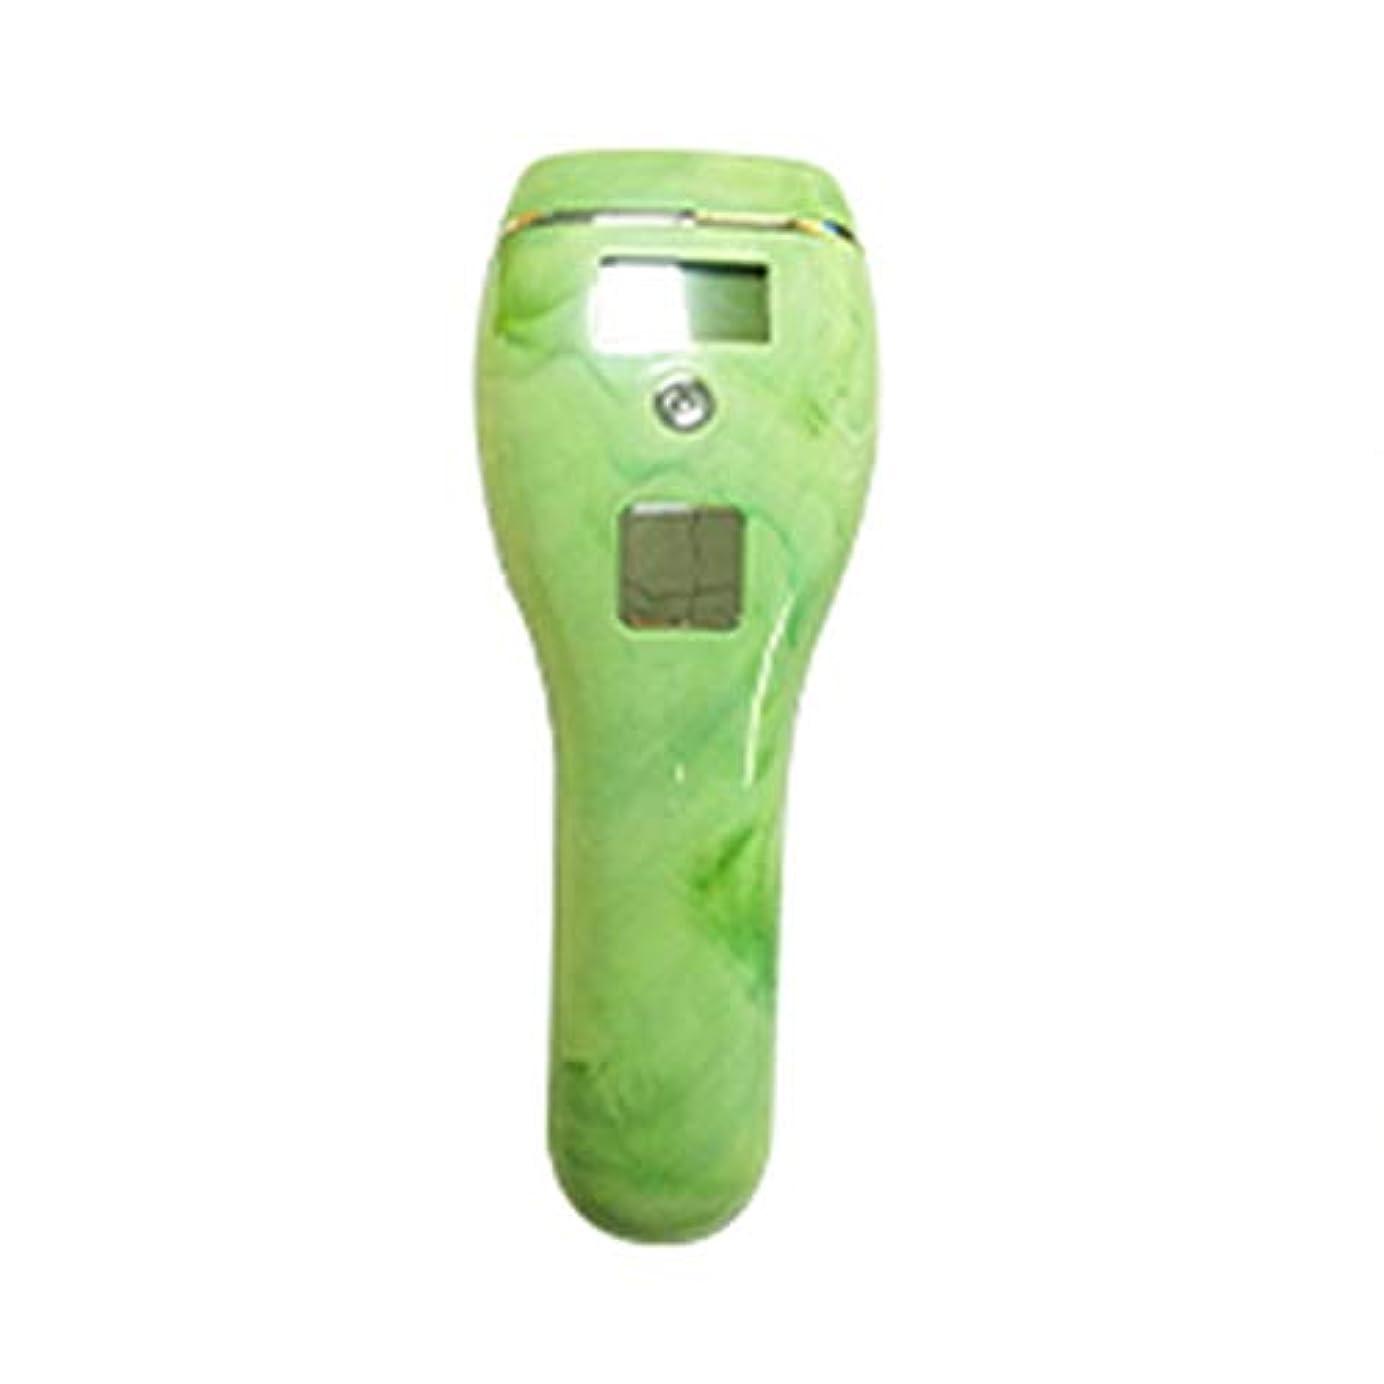 劇的眉ロイヤリティIku夫 自動肌のカラーセンシング、グリーン、5速調整、クォーツチューブ、携帯用痛みのない全身凍結乾燥用除湿器、サイズ19x7x5cm (Color : Green)